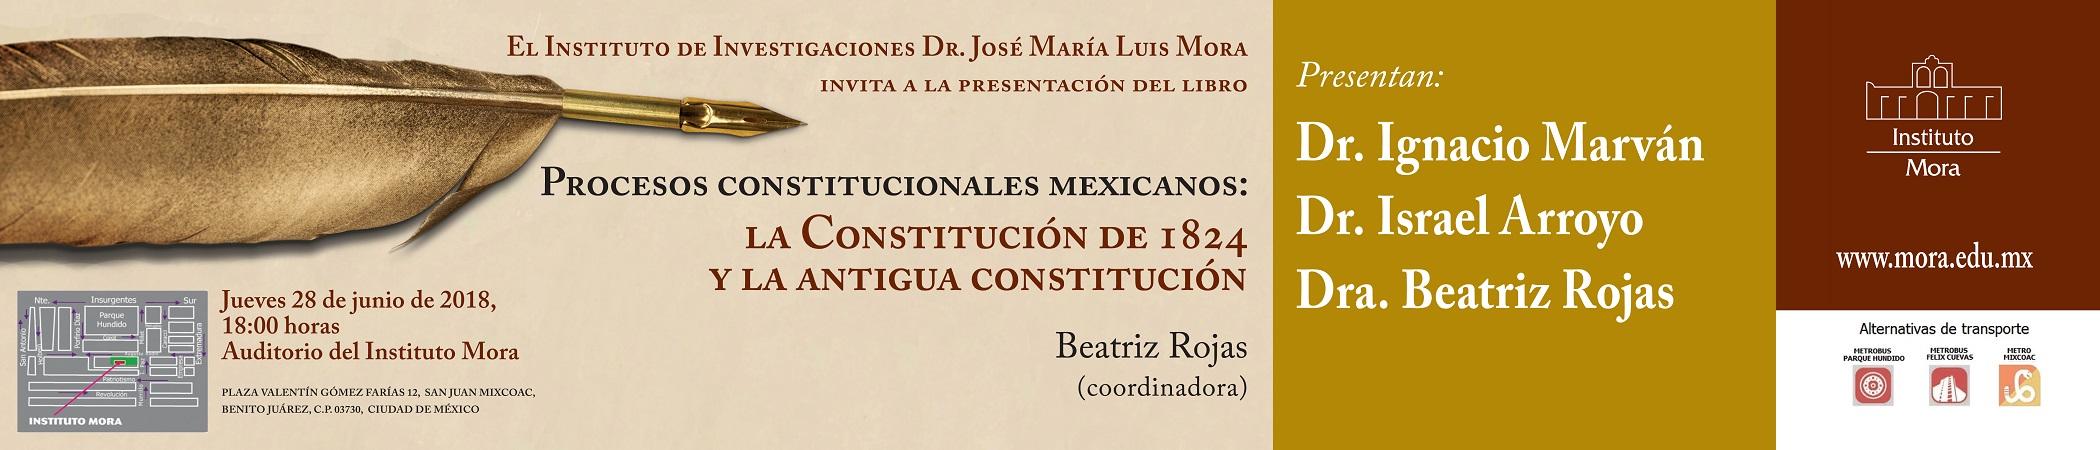 Presentación del libro Procesos constitucionales mexicanos